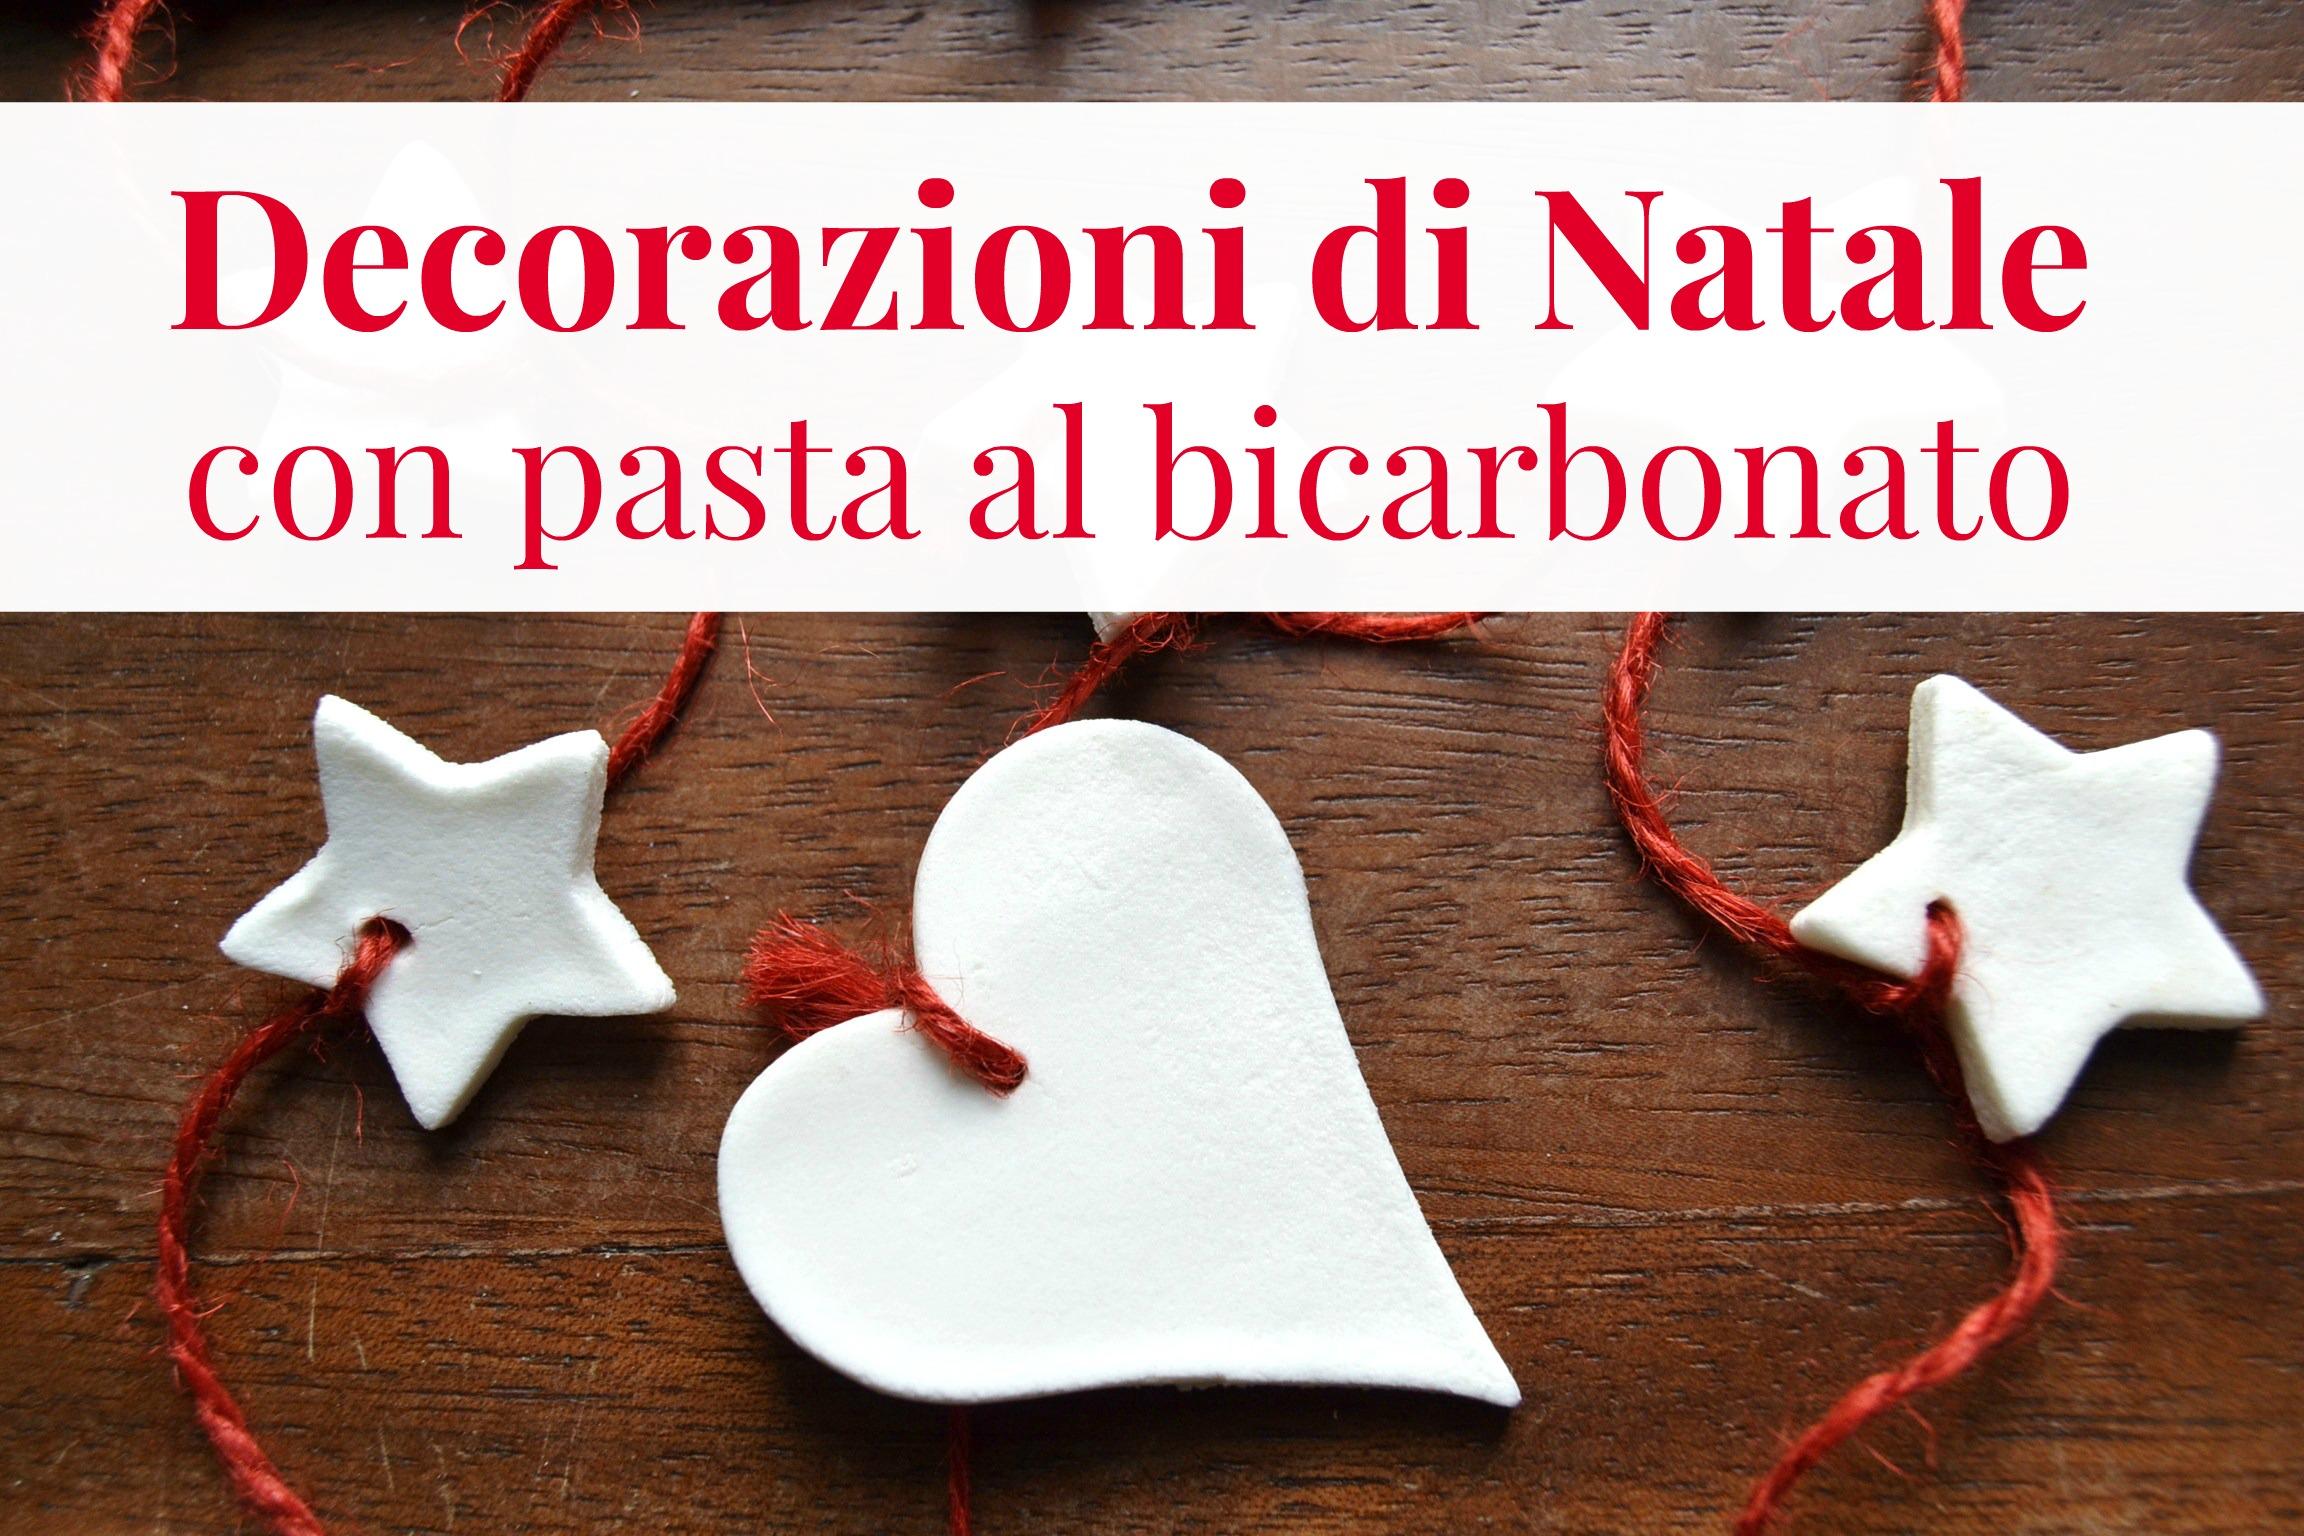 Decorazioni Natalizie Fai Da Te Semplici.Decorazioni Natalizie Con Pasta Al Bicarbonato Babygreen